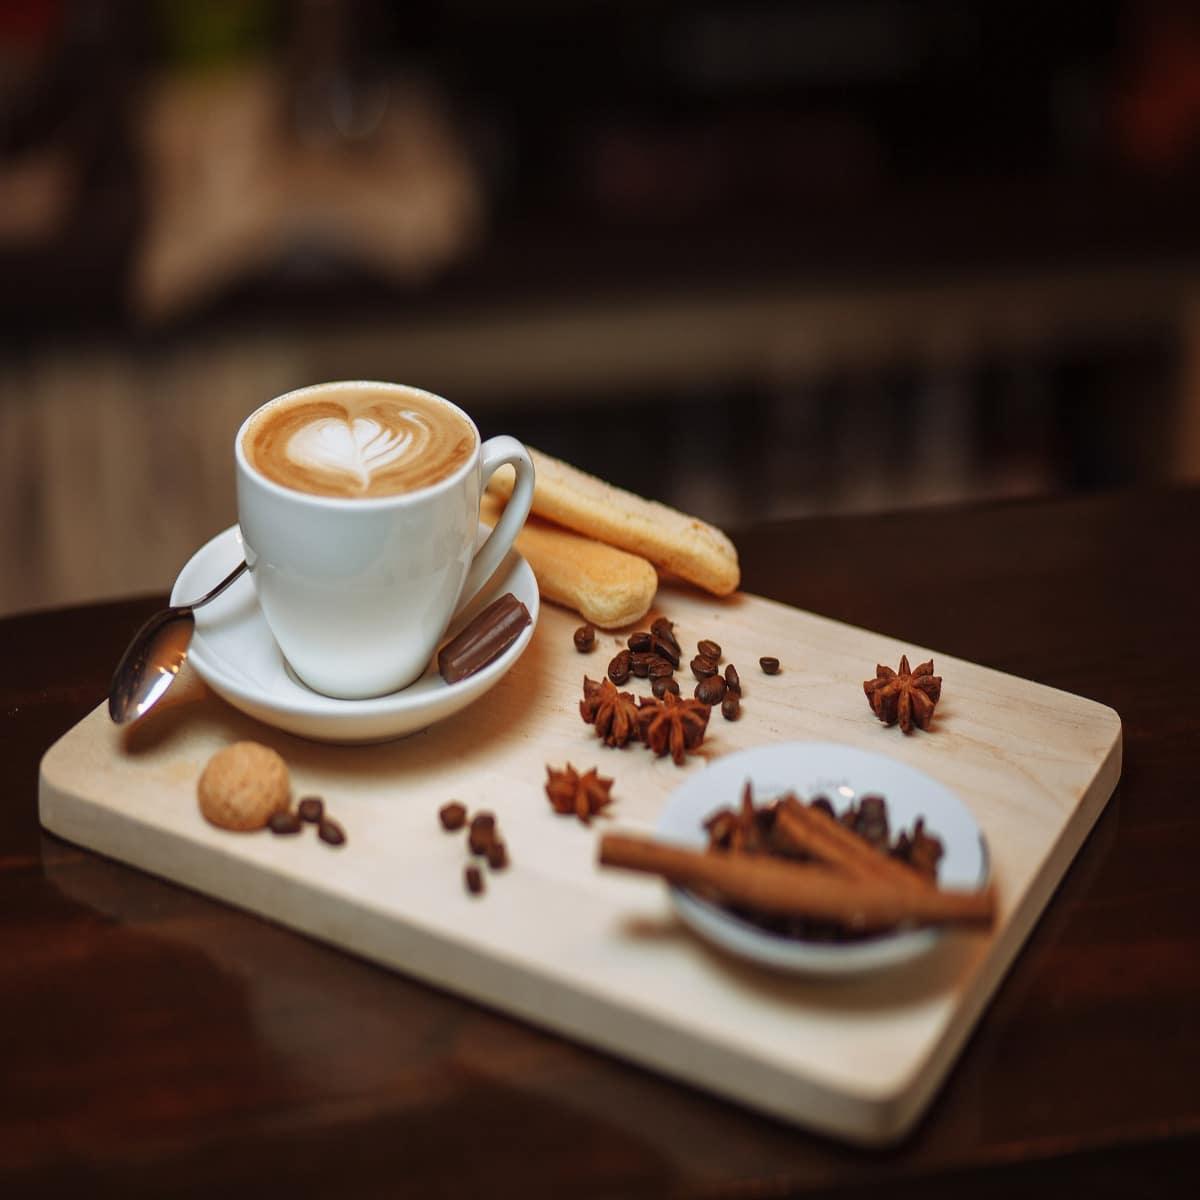 cafetière ou comment faire un bon café